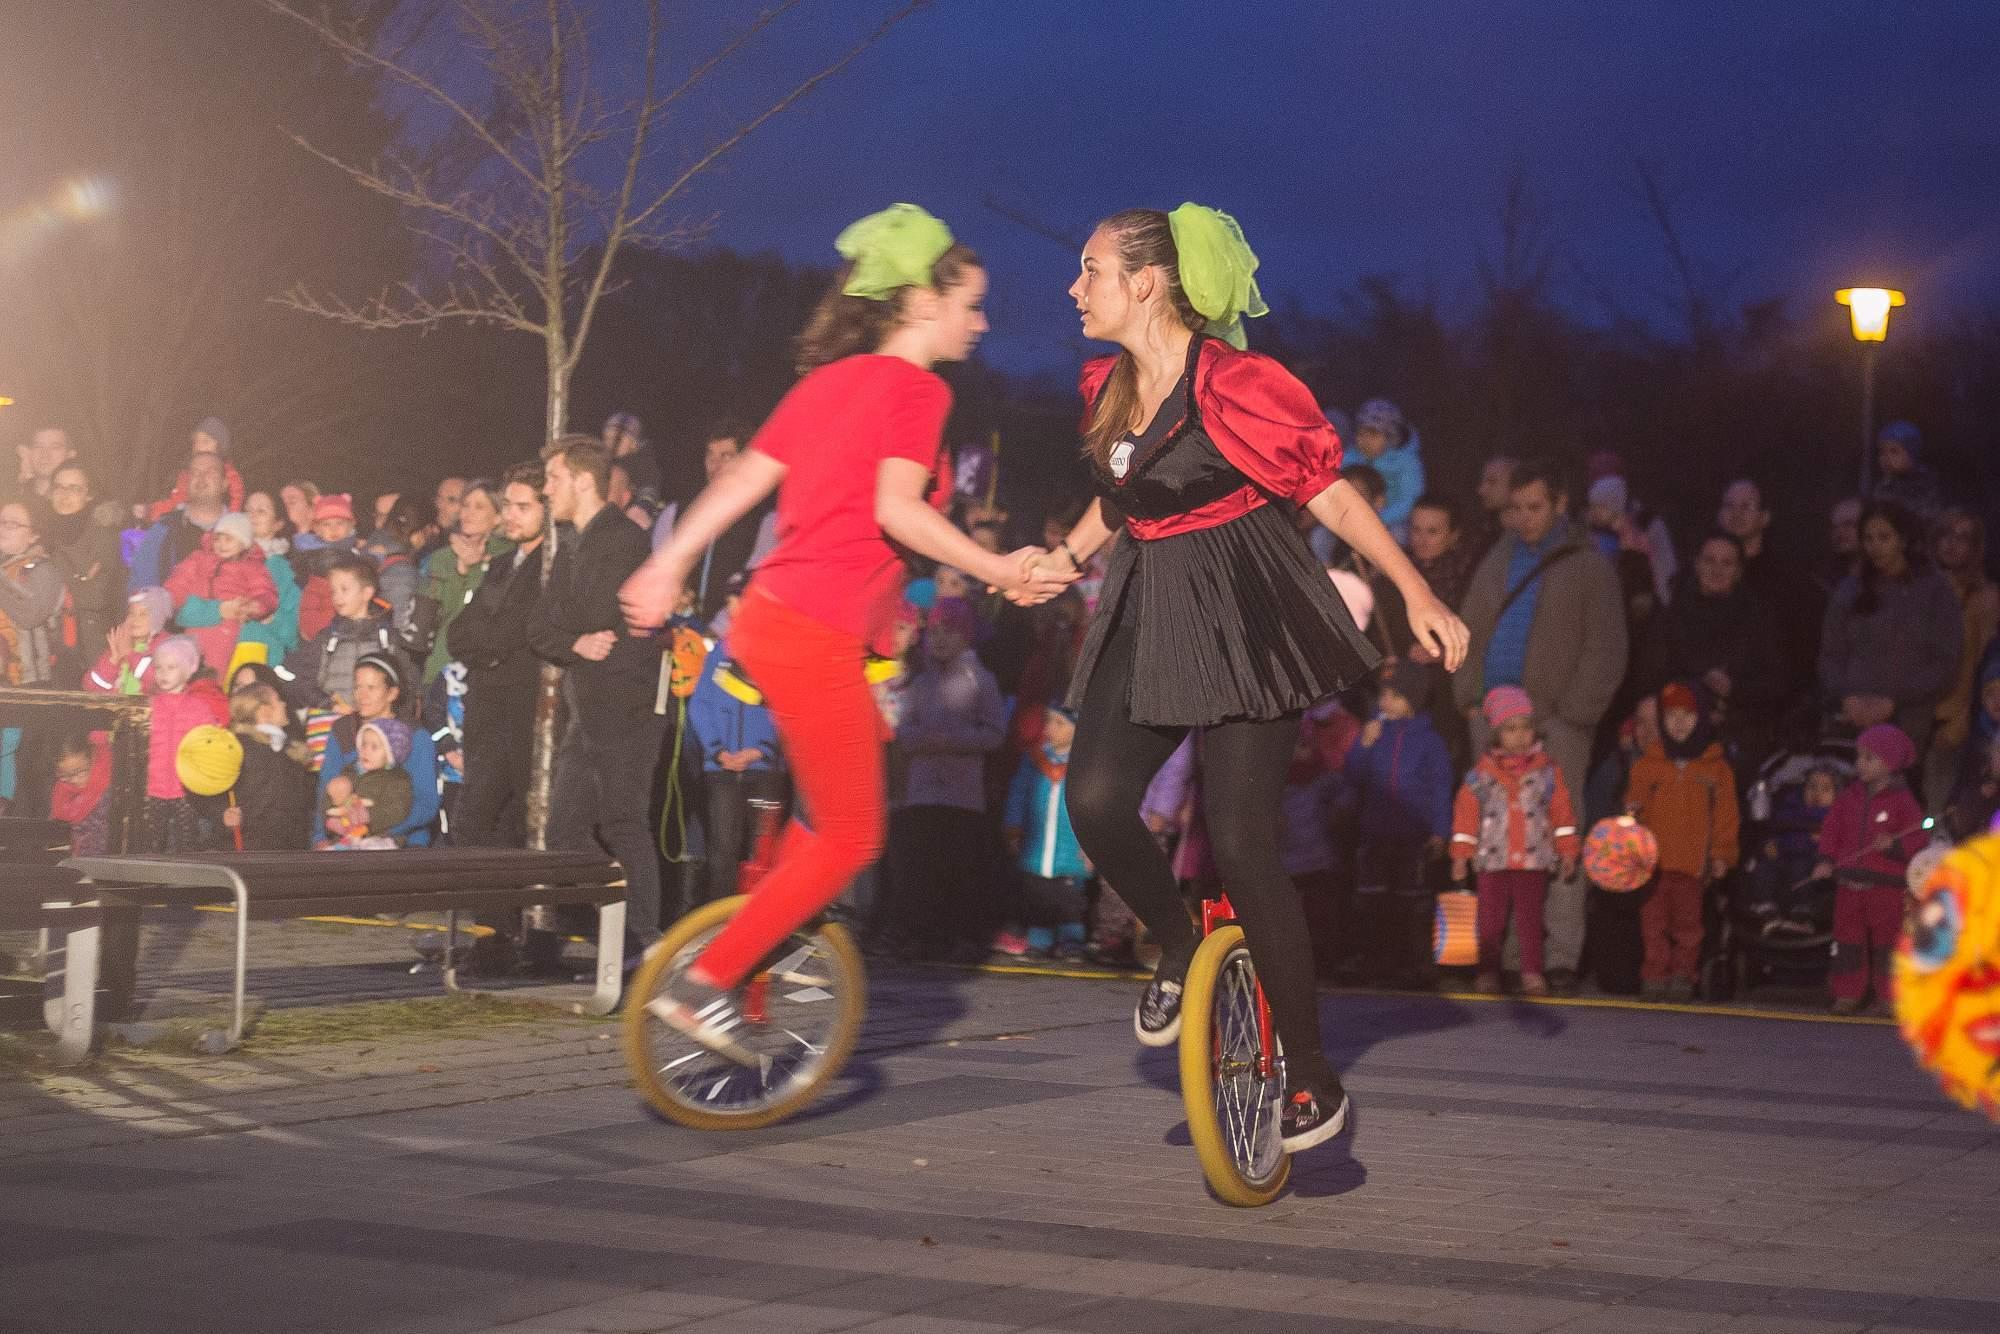 Velký potlesk sklidily jezdkyně na jednokolkách, které svým tanečním vystoupením a umem zaujaly i rodiče. Foto: Kristýna Čermáková